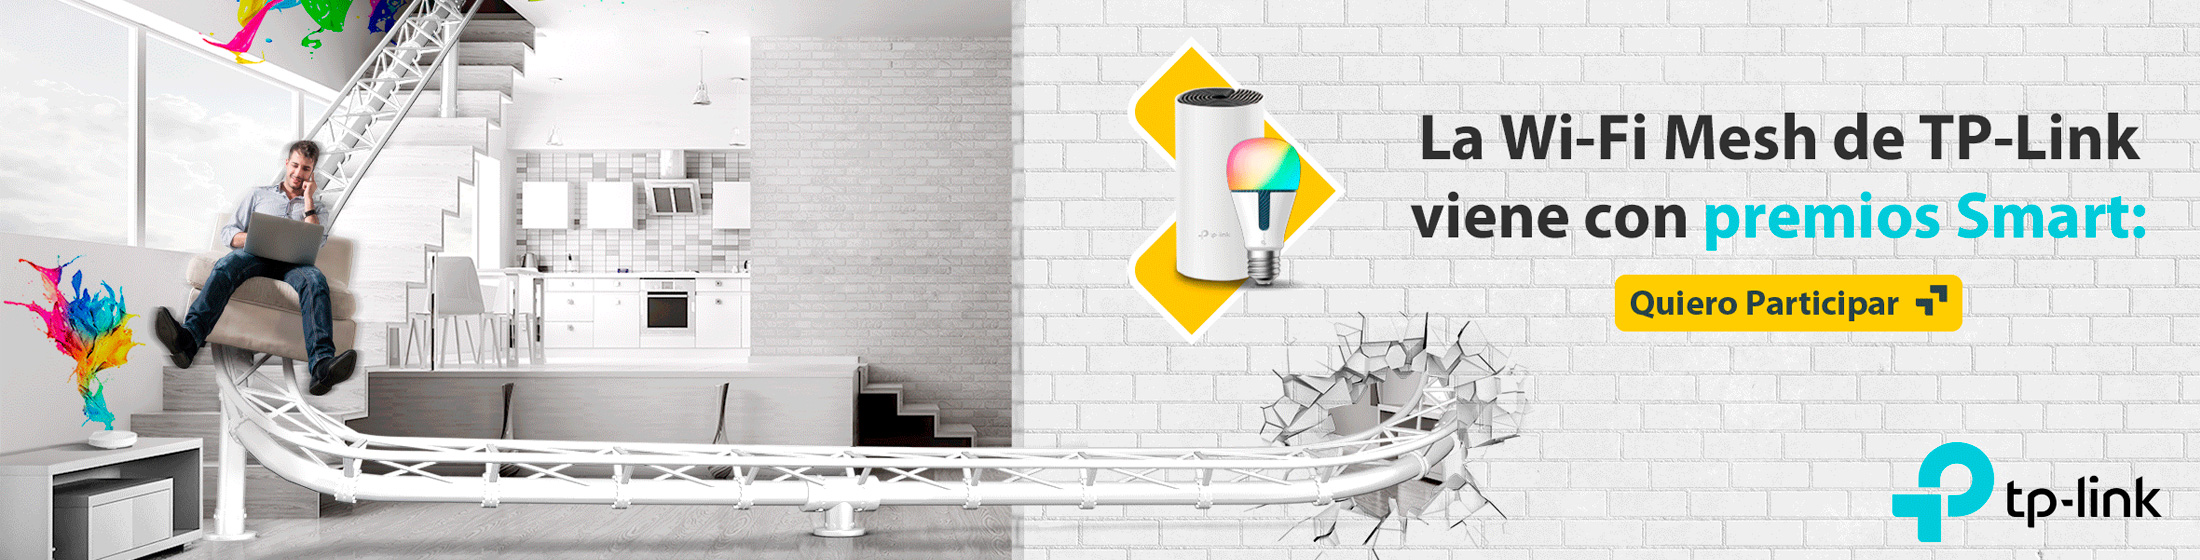 TP-Link Nov Desktop